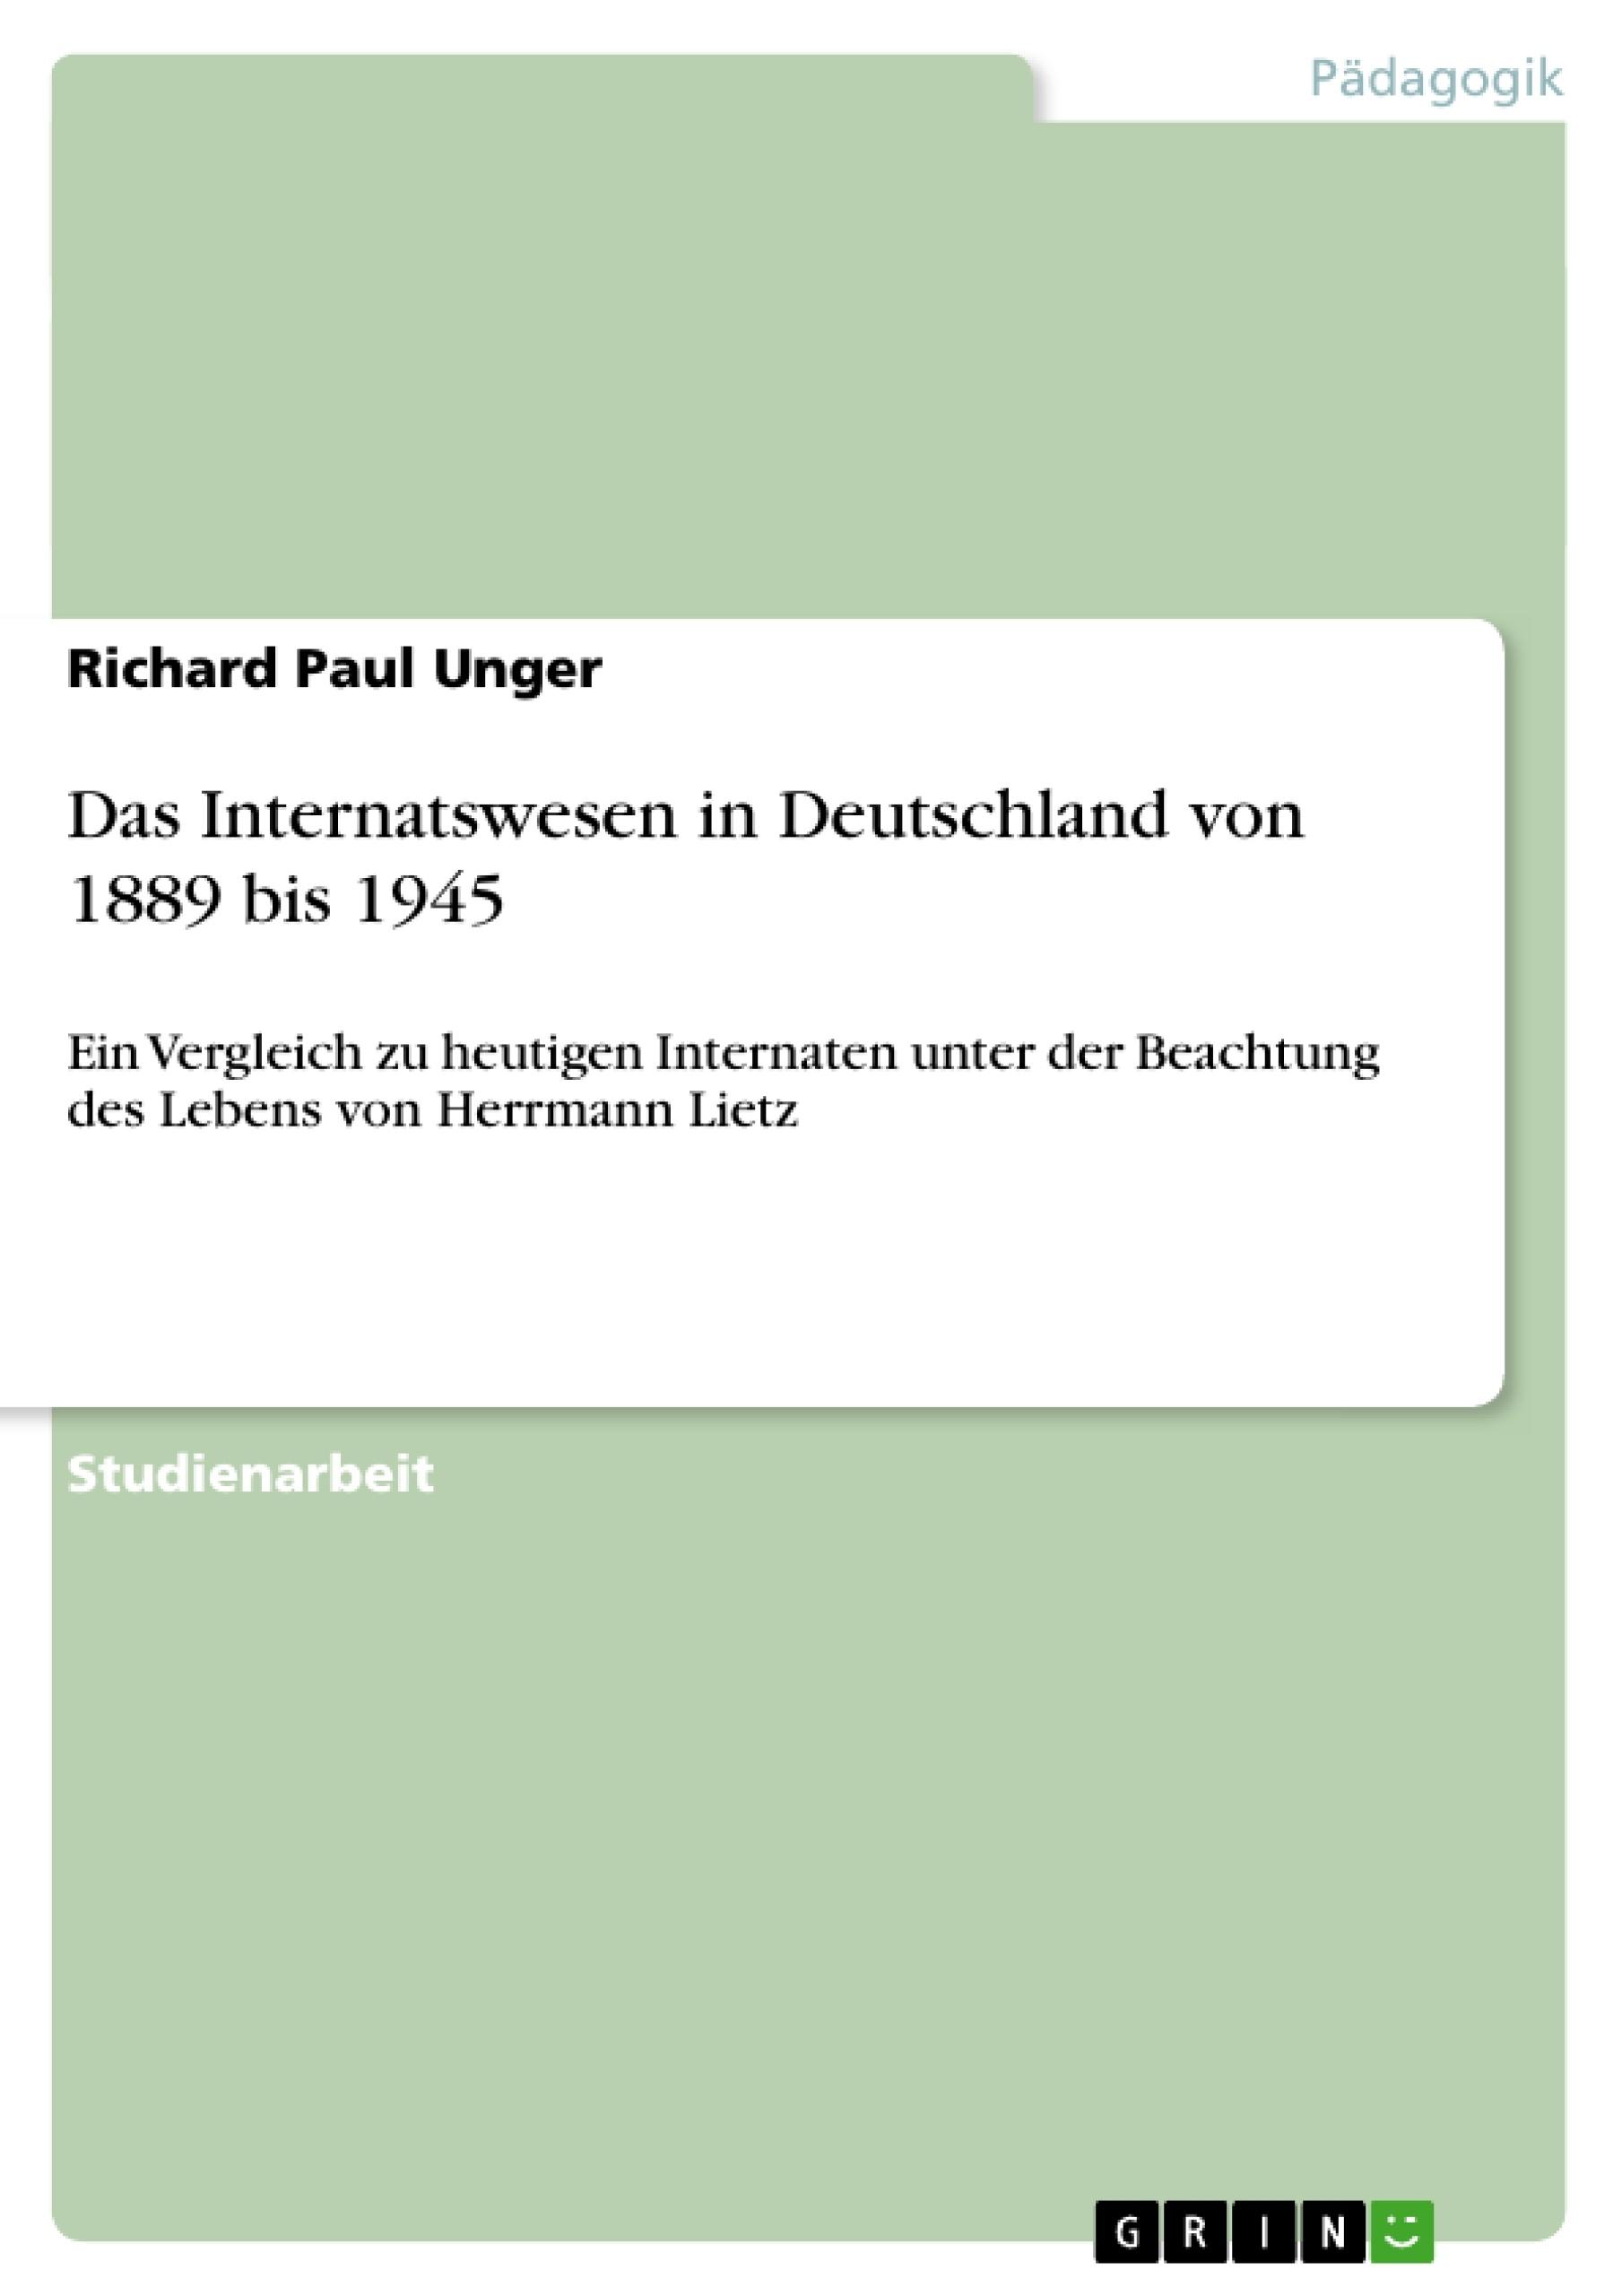 Titel: Das Internatswesen in Deutschland von 1889 bis 1945